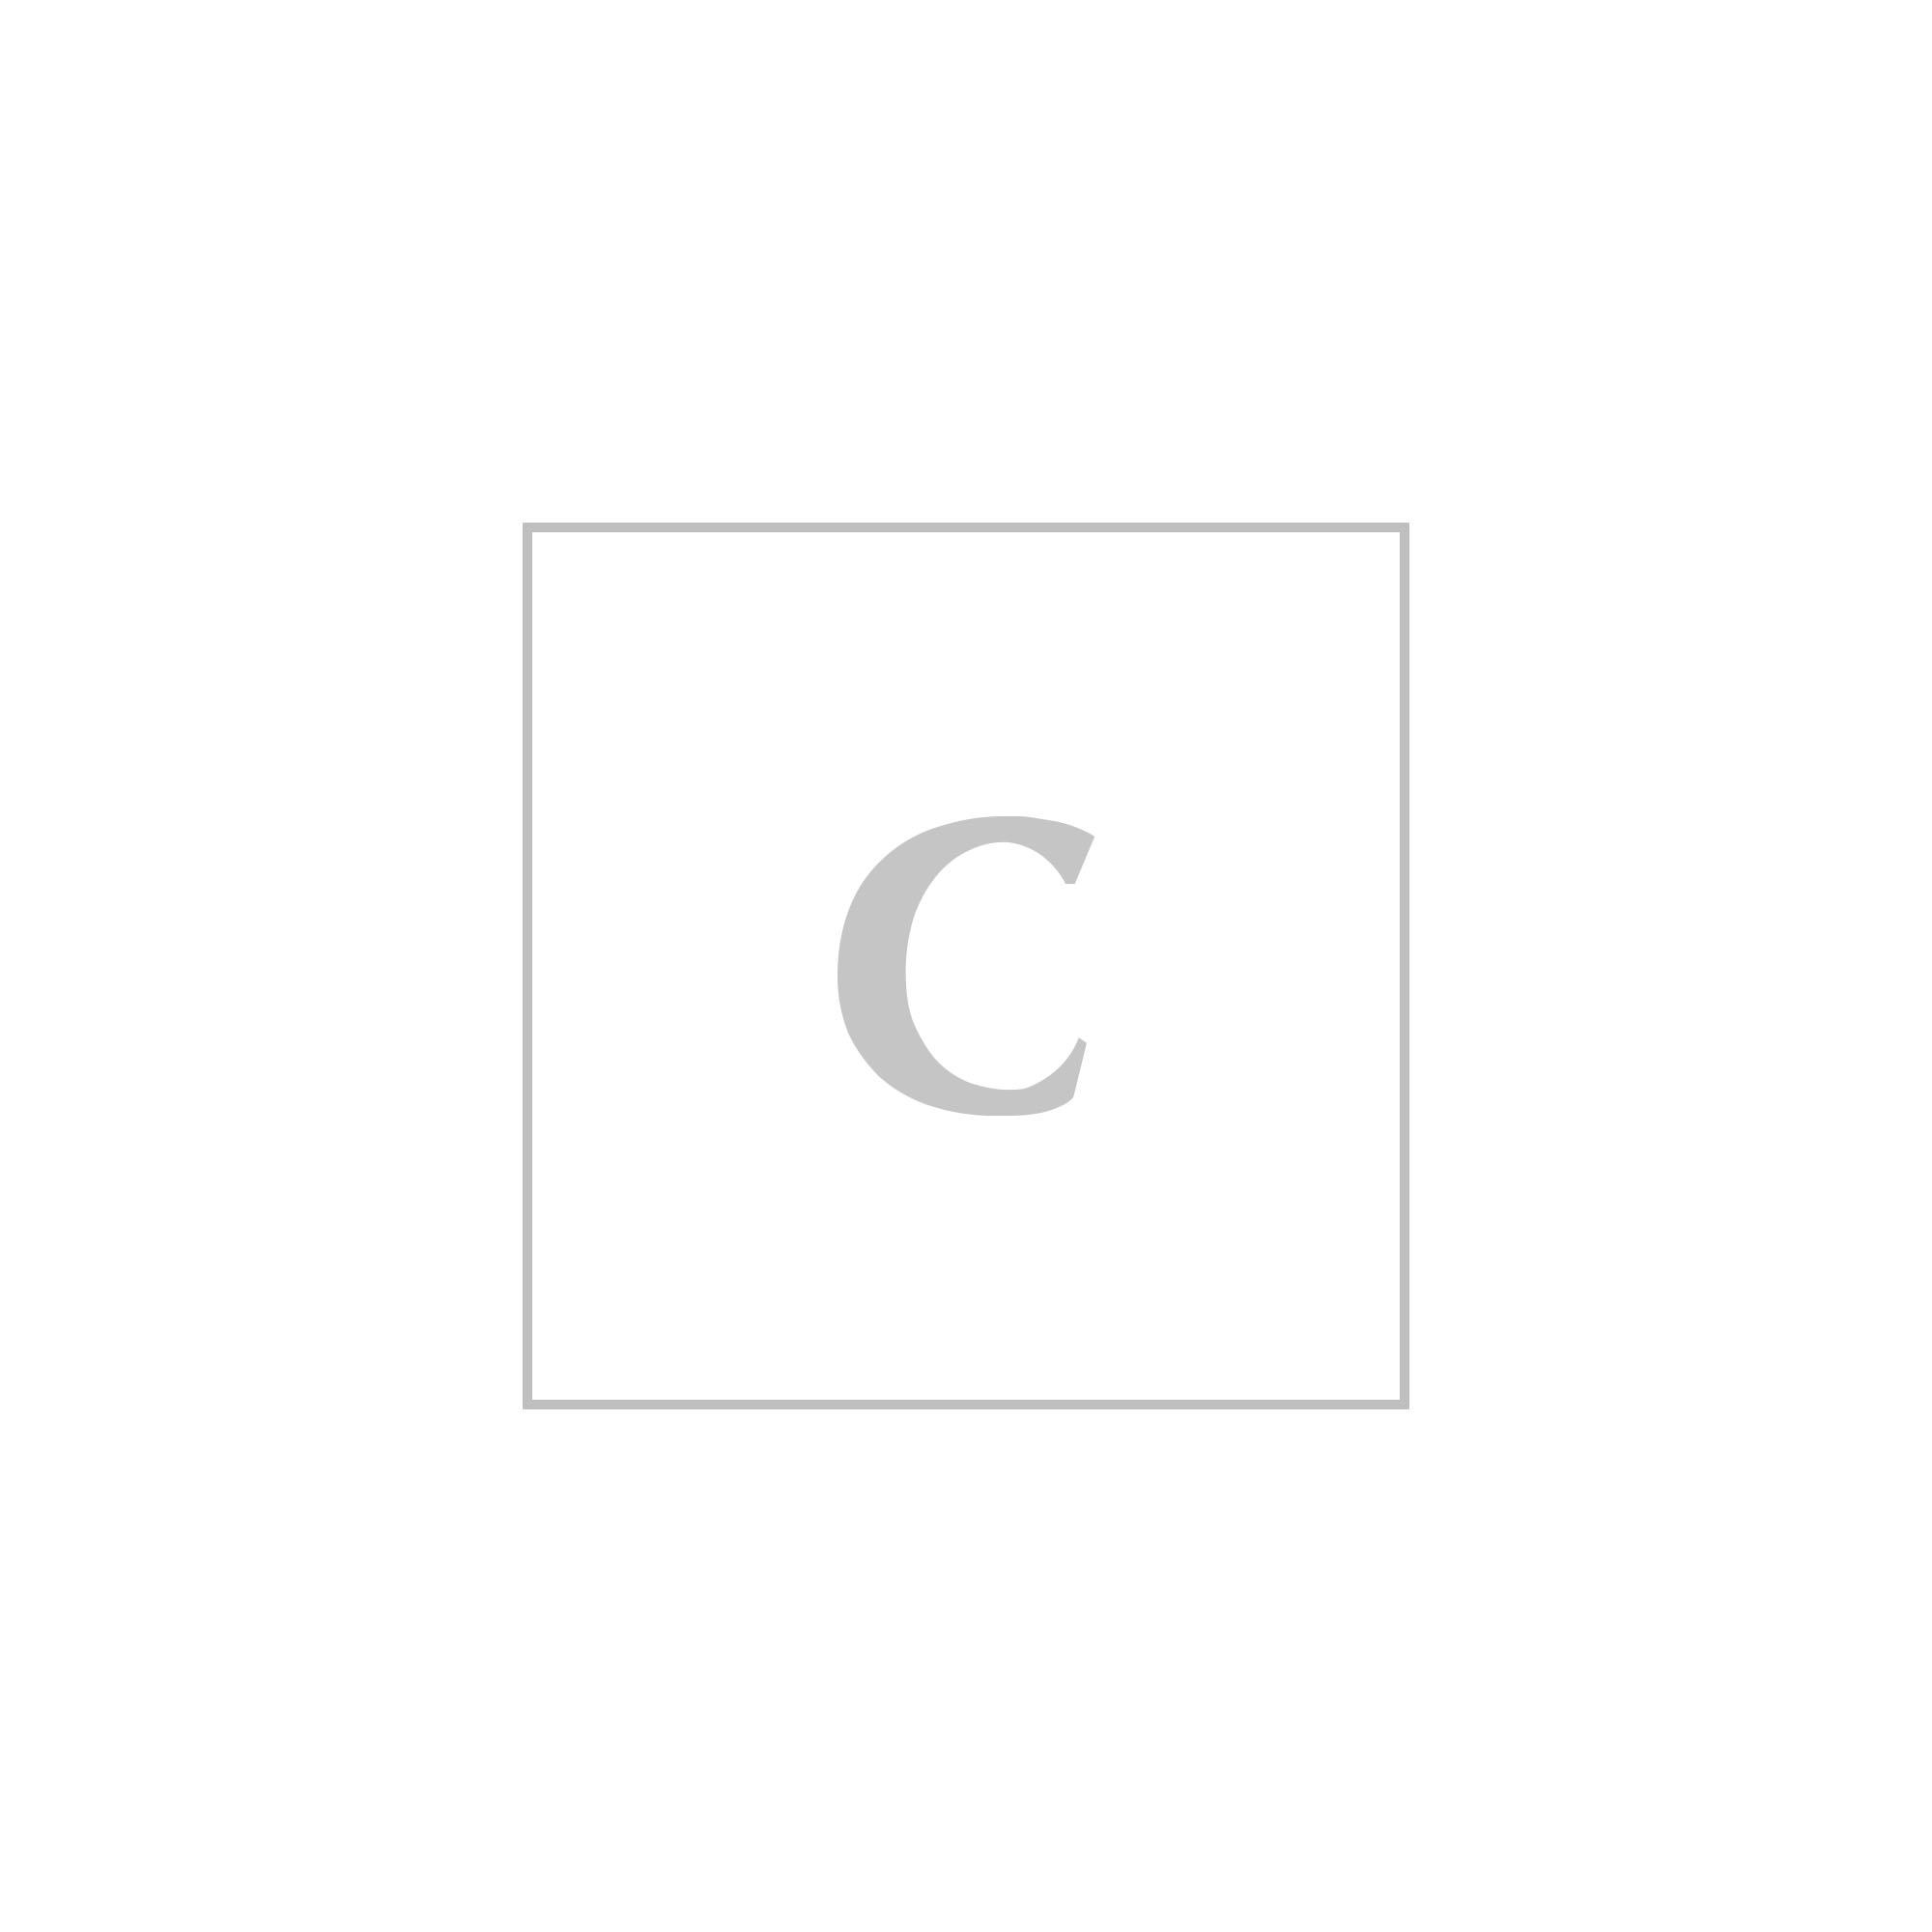 Dolce & gabbana cintura logata stampa dauphine riga 4